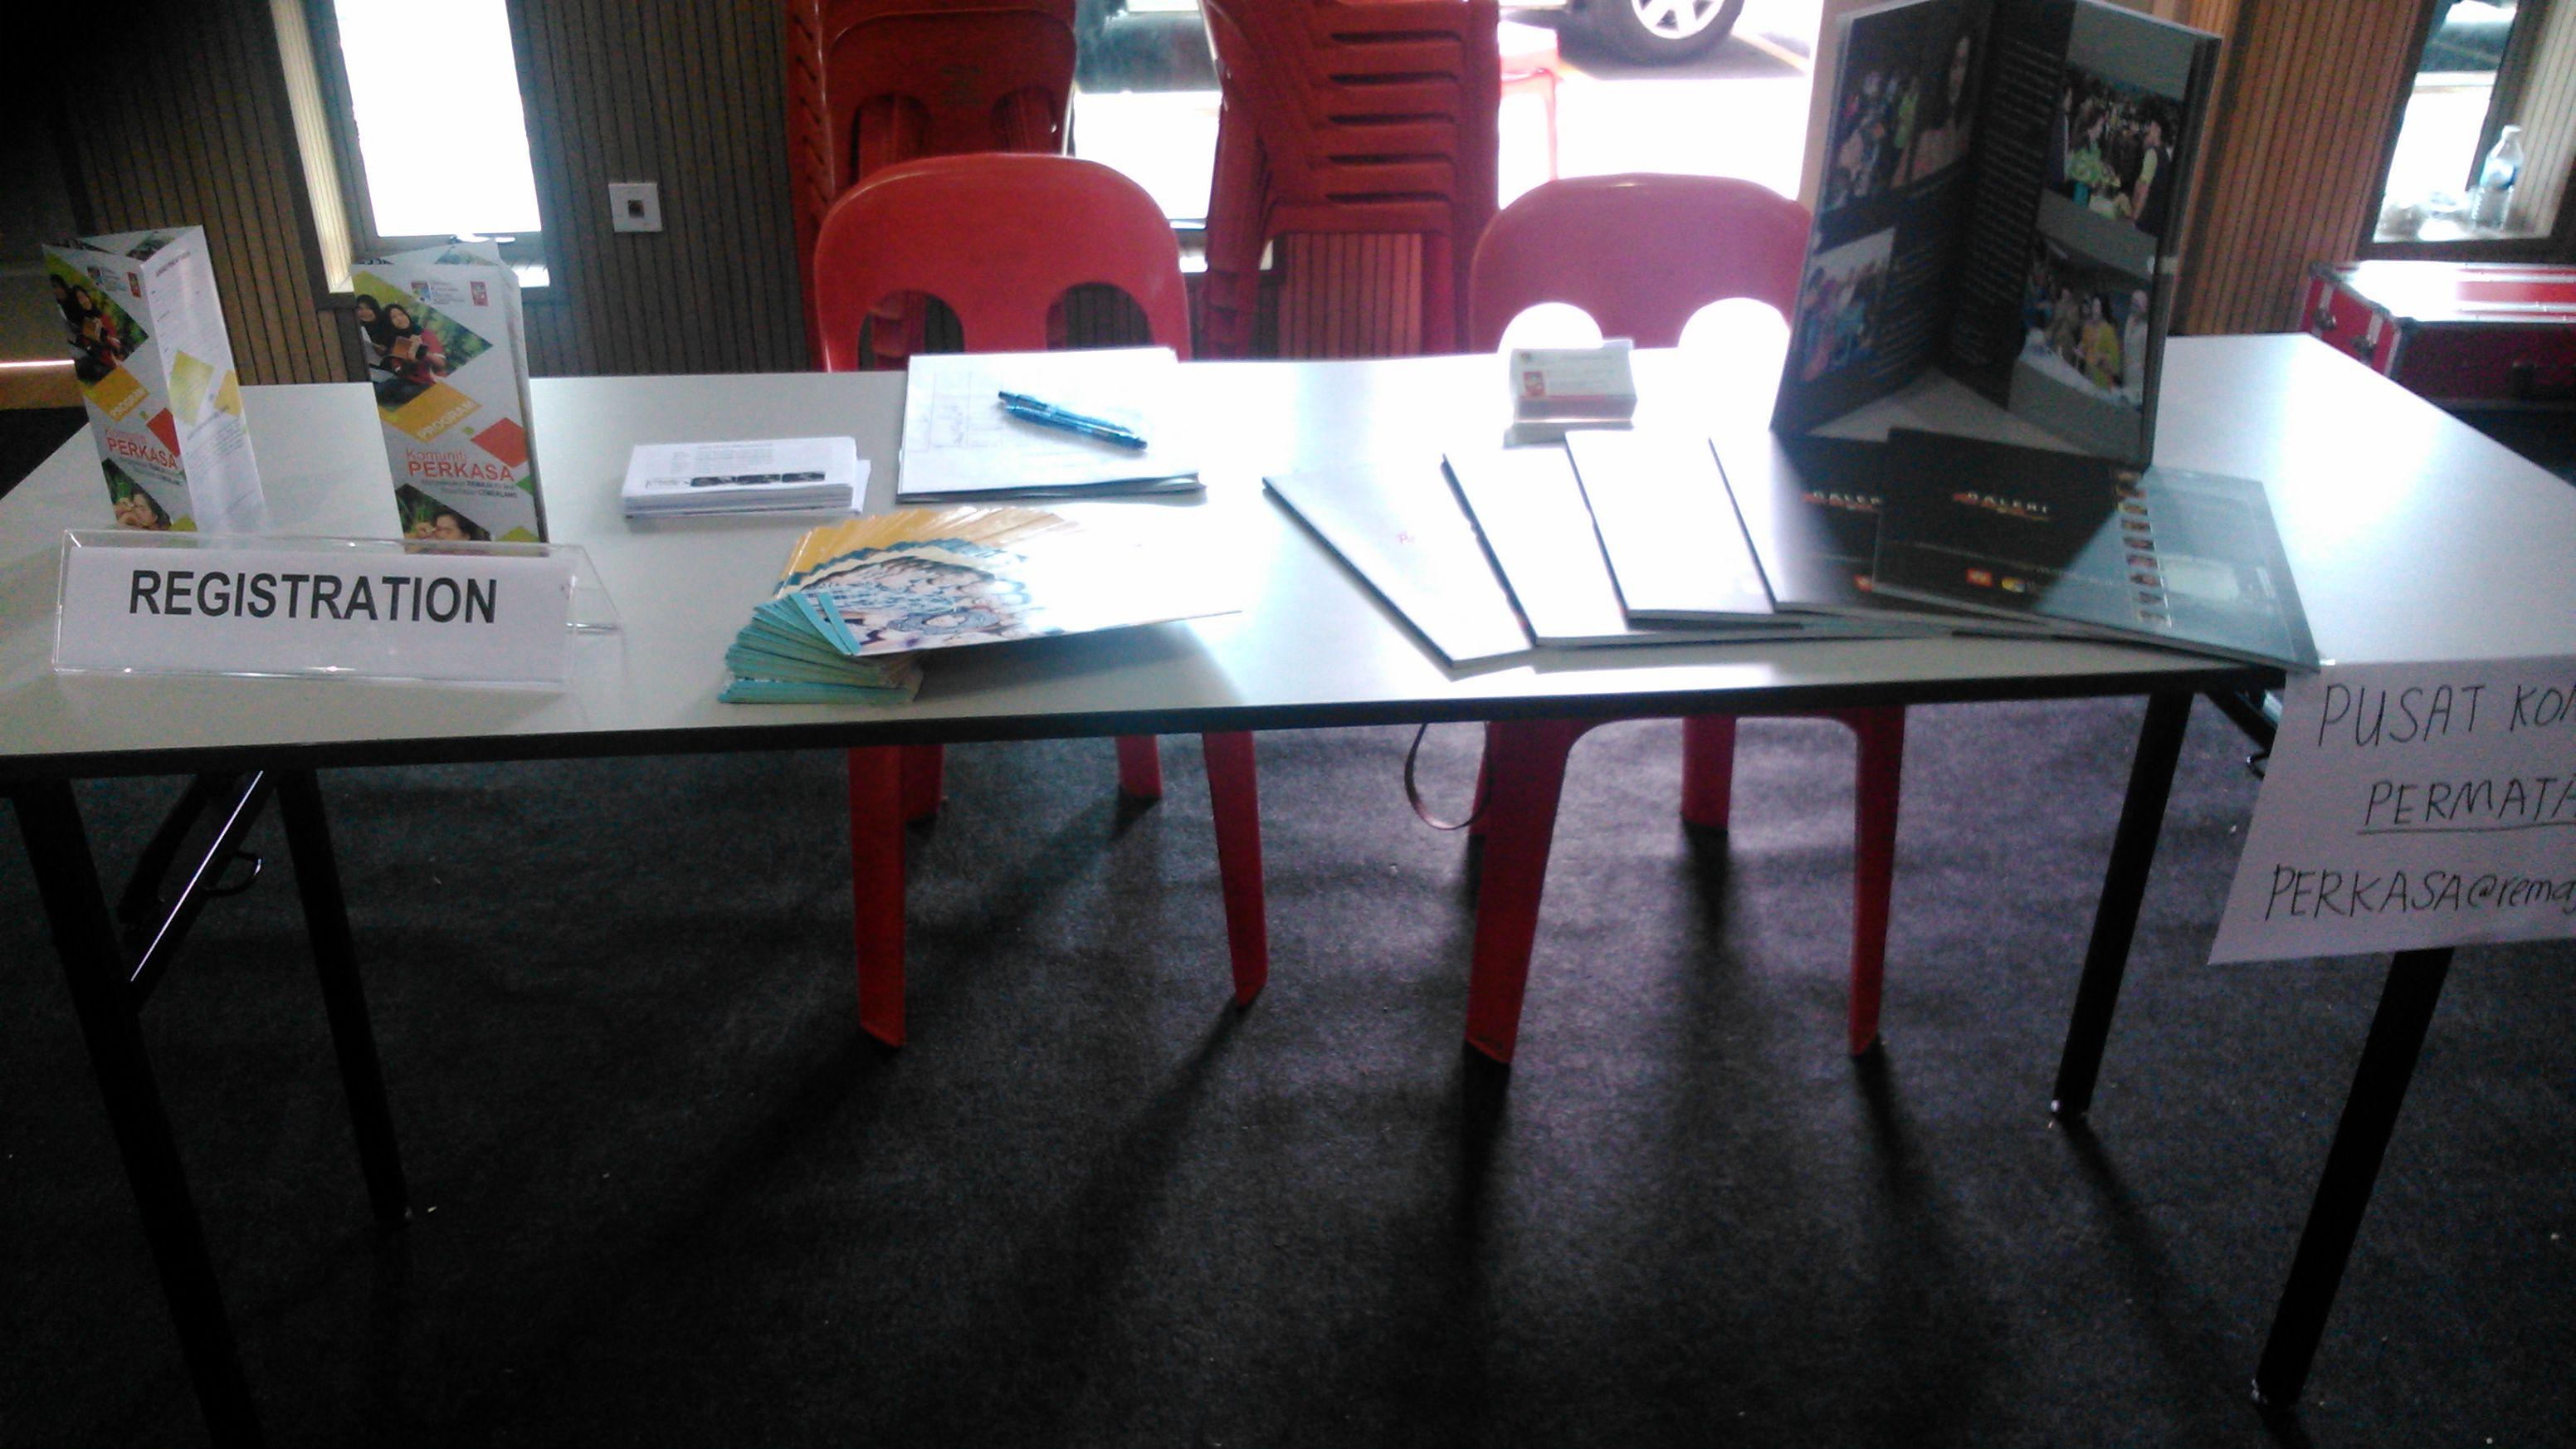 Booth pameran PERKASA@remaja